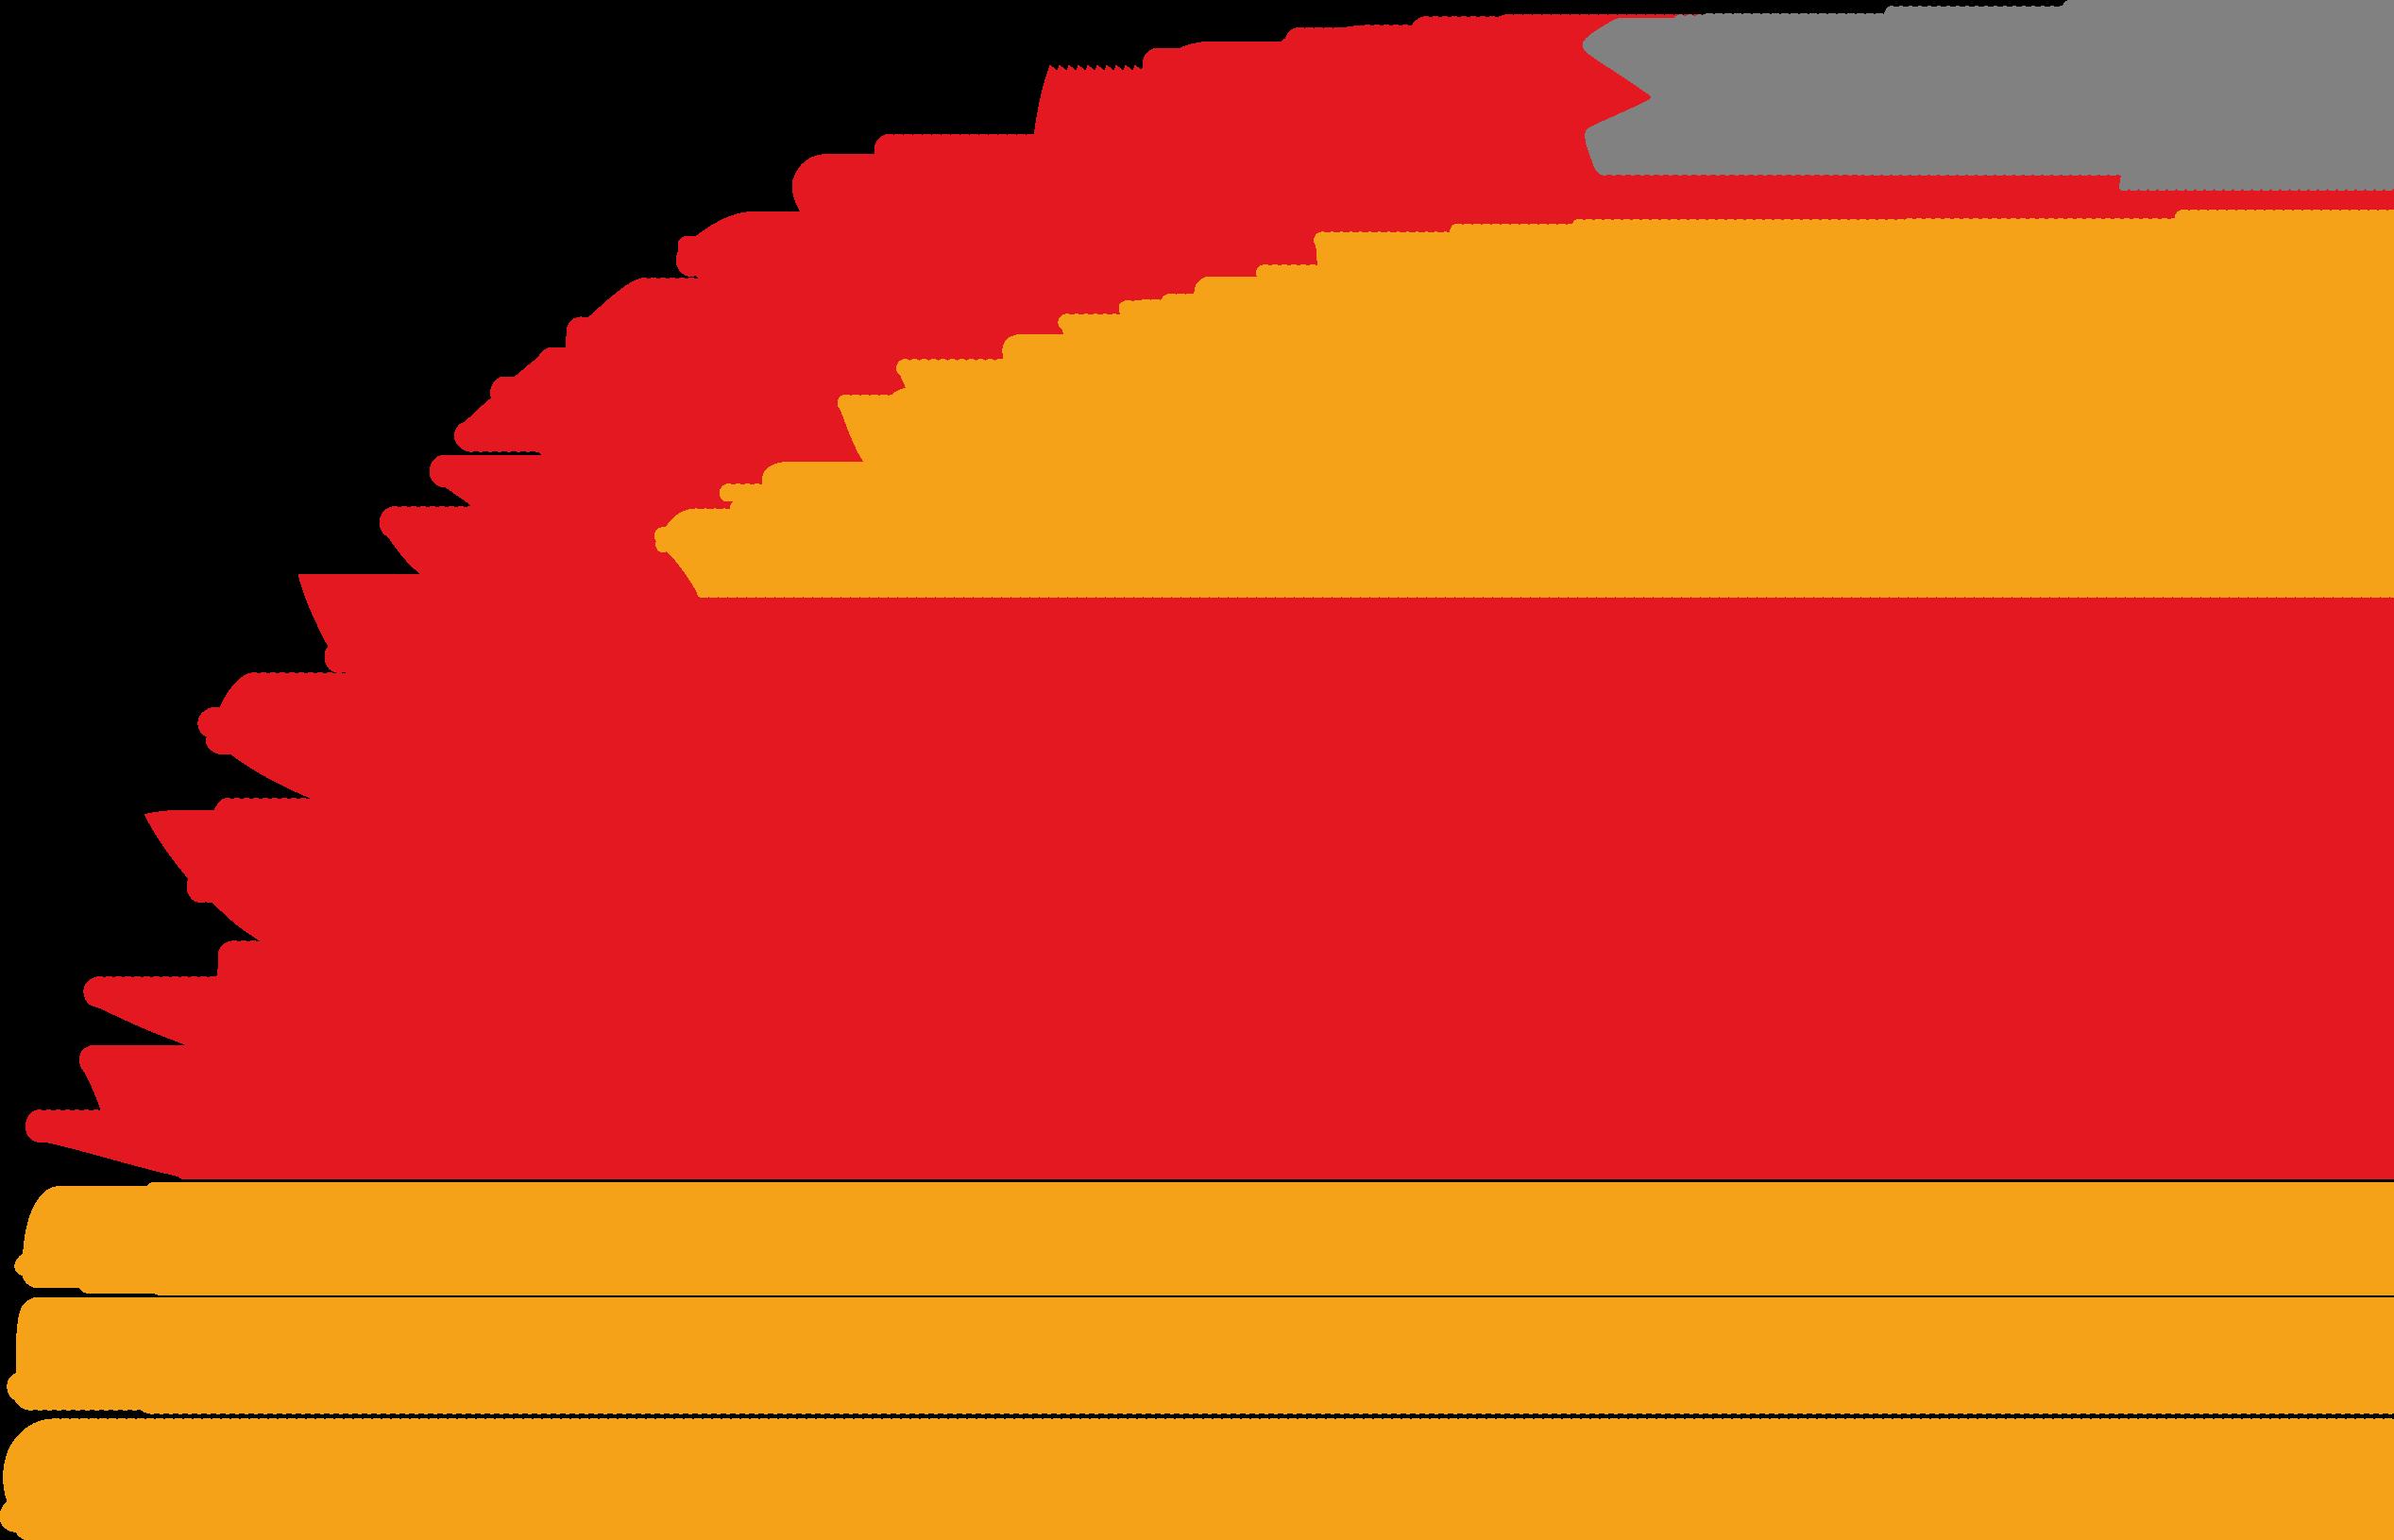 Der Klabauterladen in Essen-Stadtwald